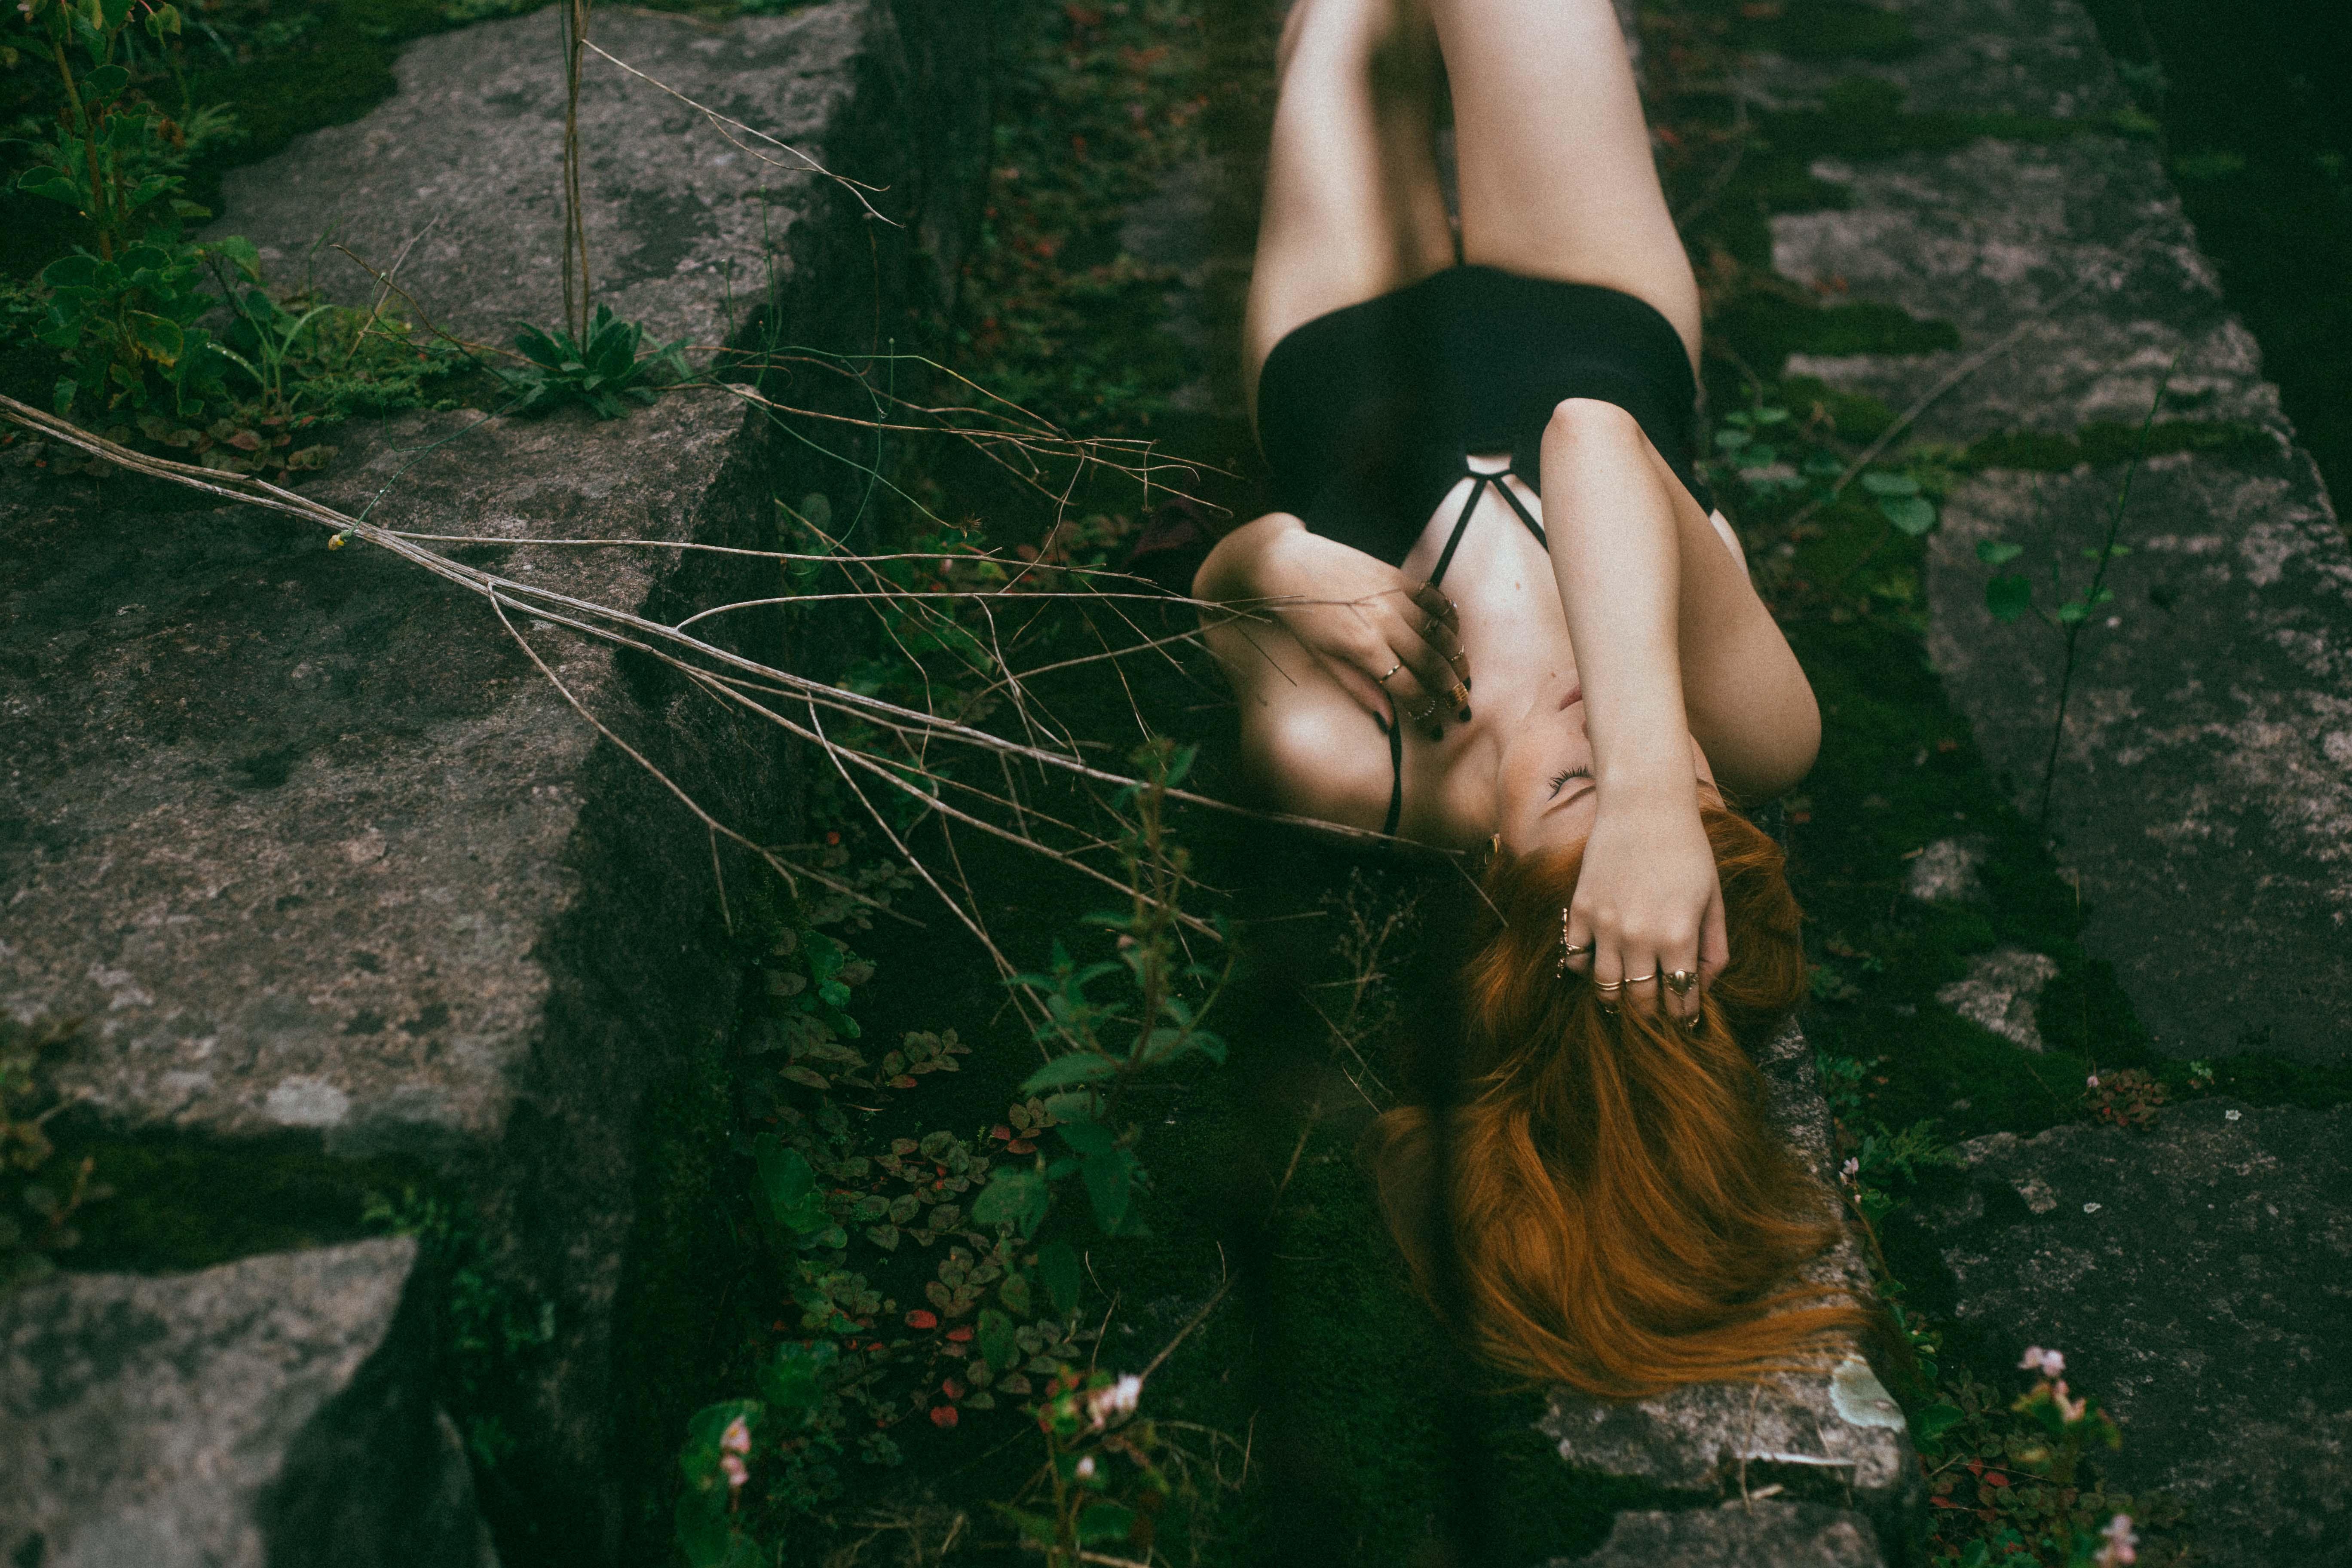 iPhotoChannel_mayara-rios_maria-carolina_papo-de-homem_bom-dia_fotografia_mulher